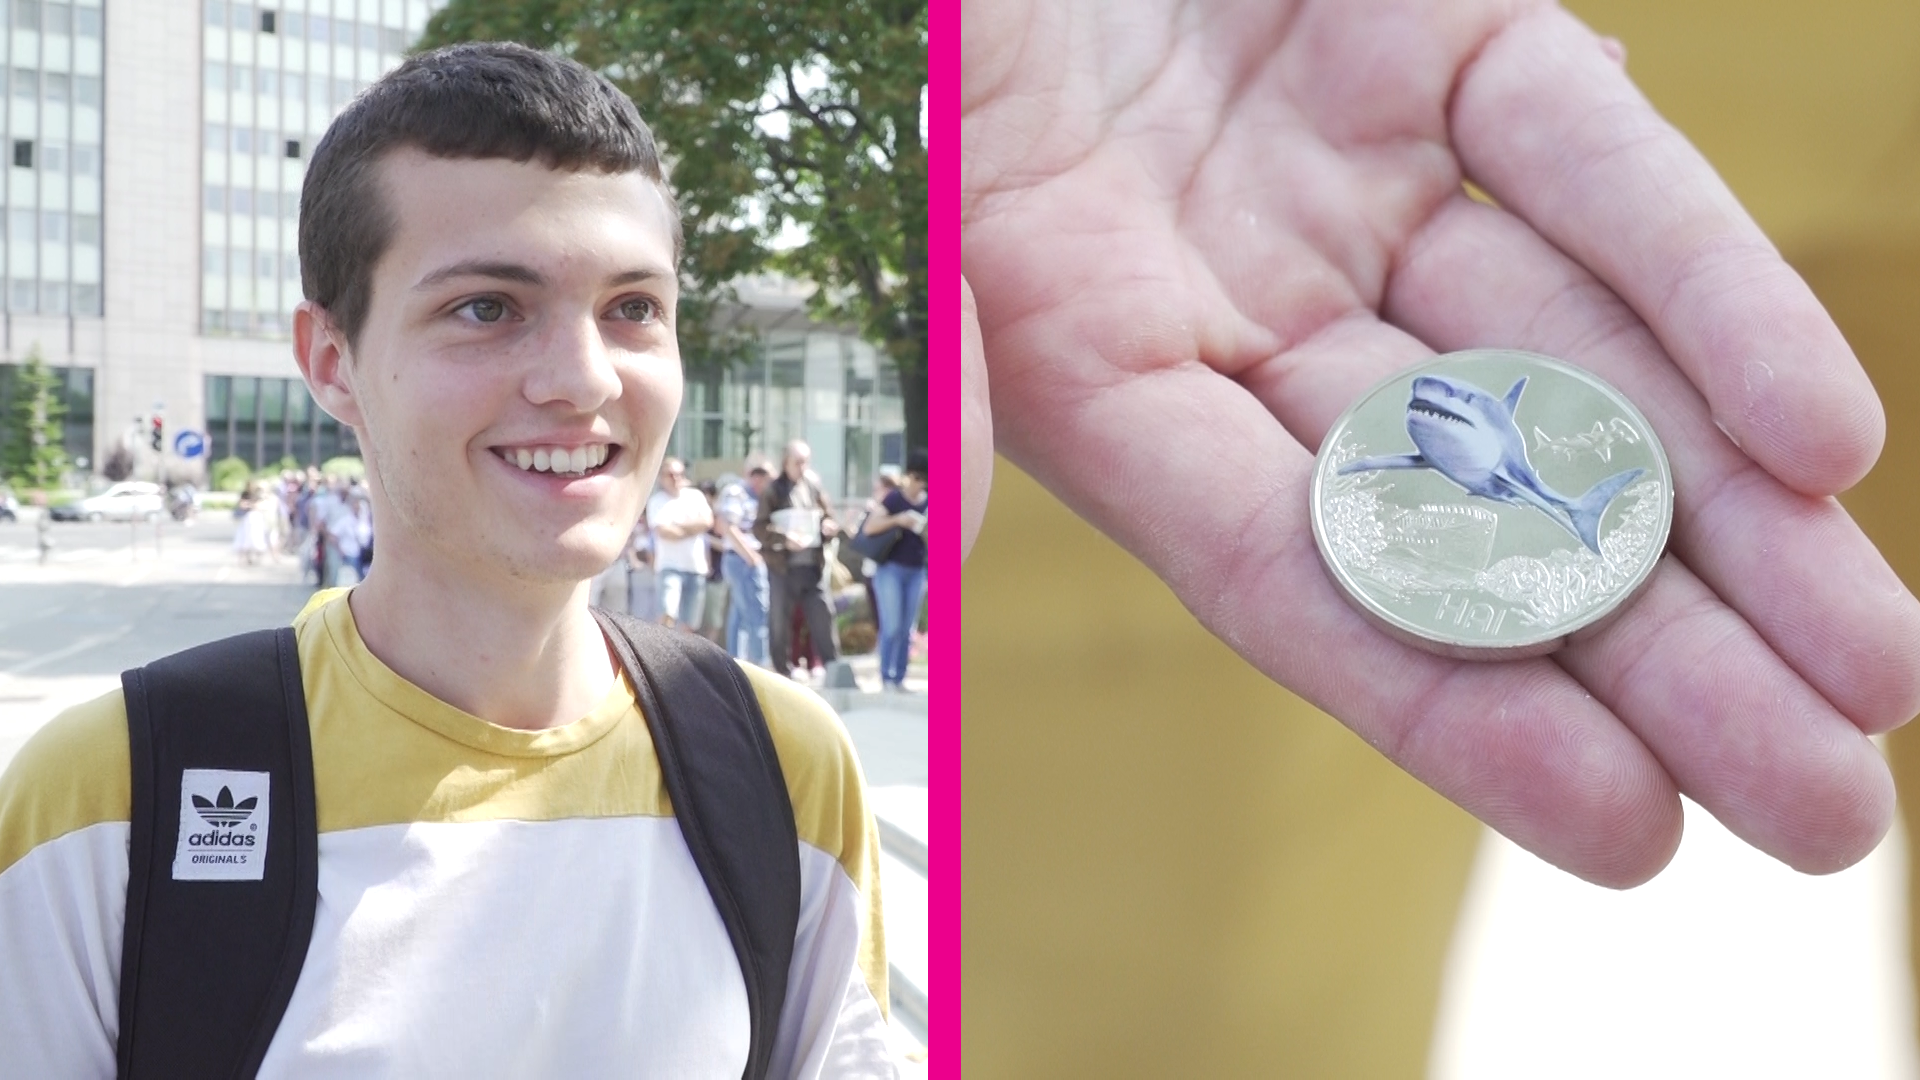 Neue Drei Euro Münze Schlange Stehen Für Den Leuchtenden Hai Geld